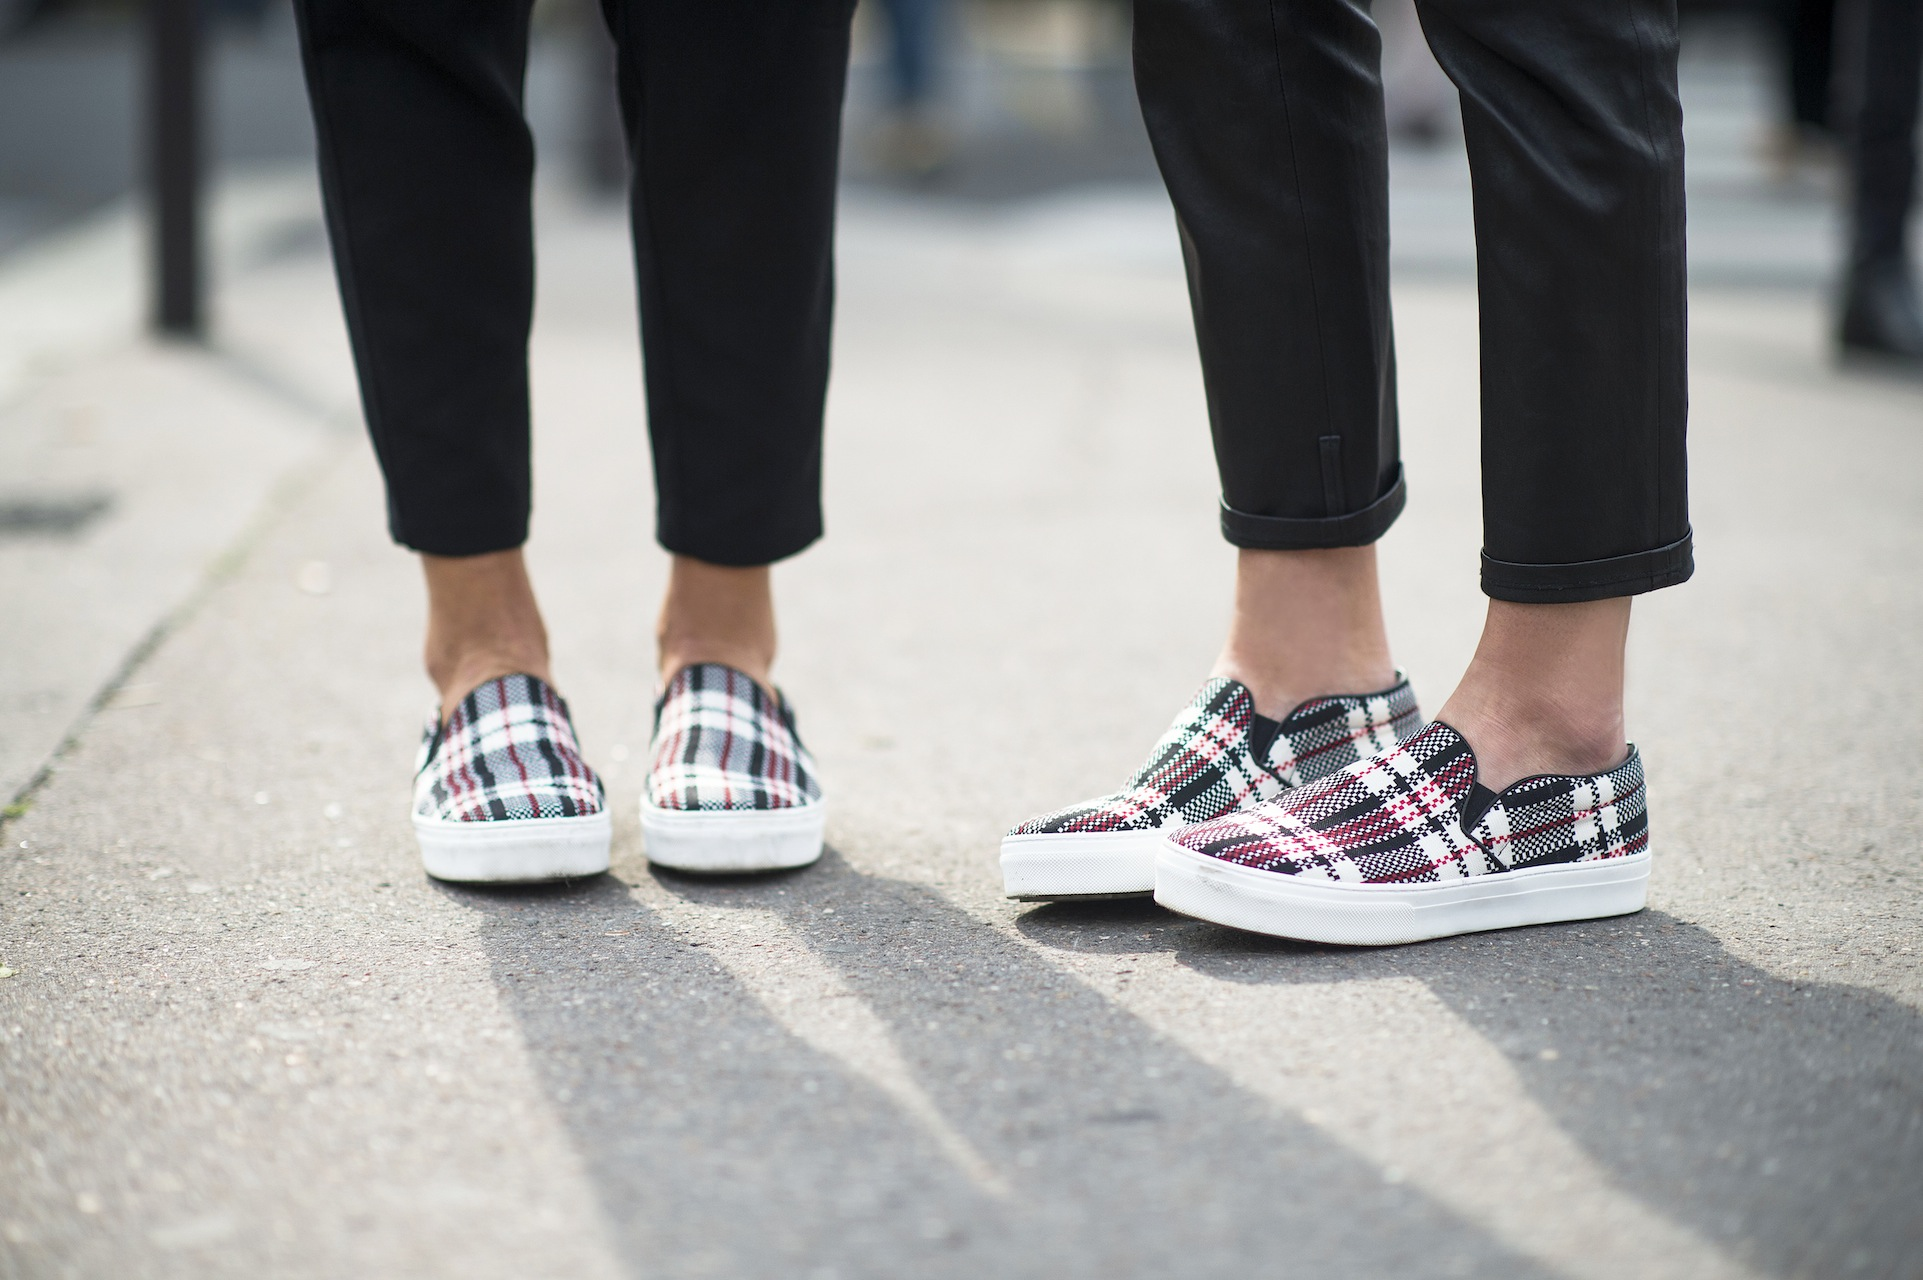 slip-on-sneakers-trend